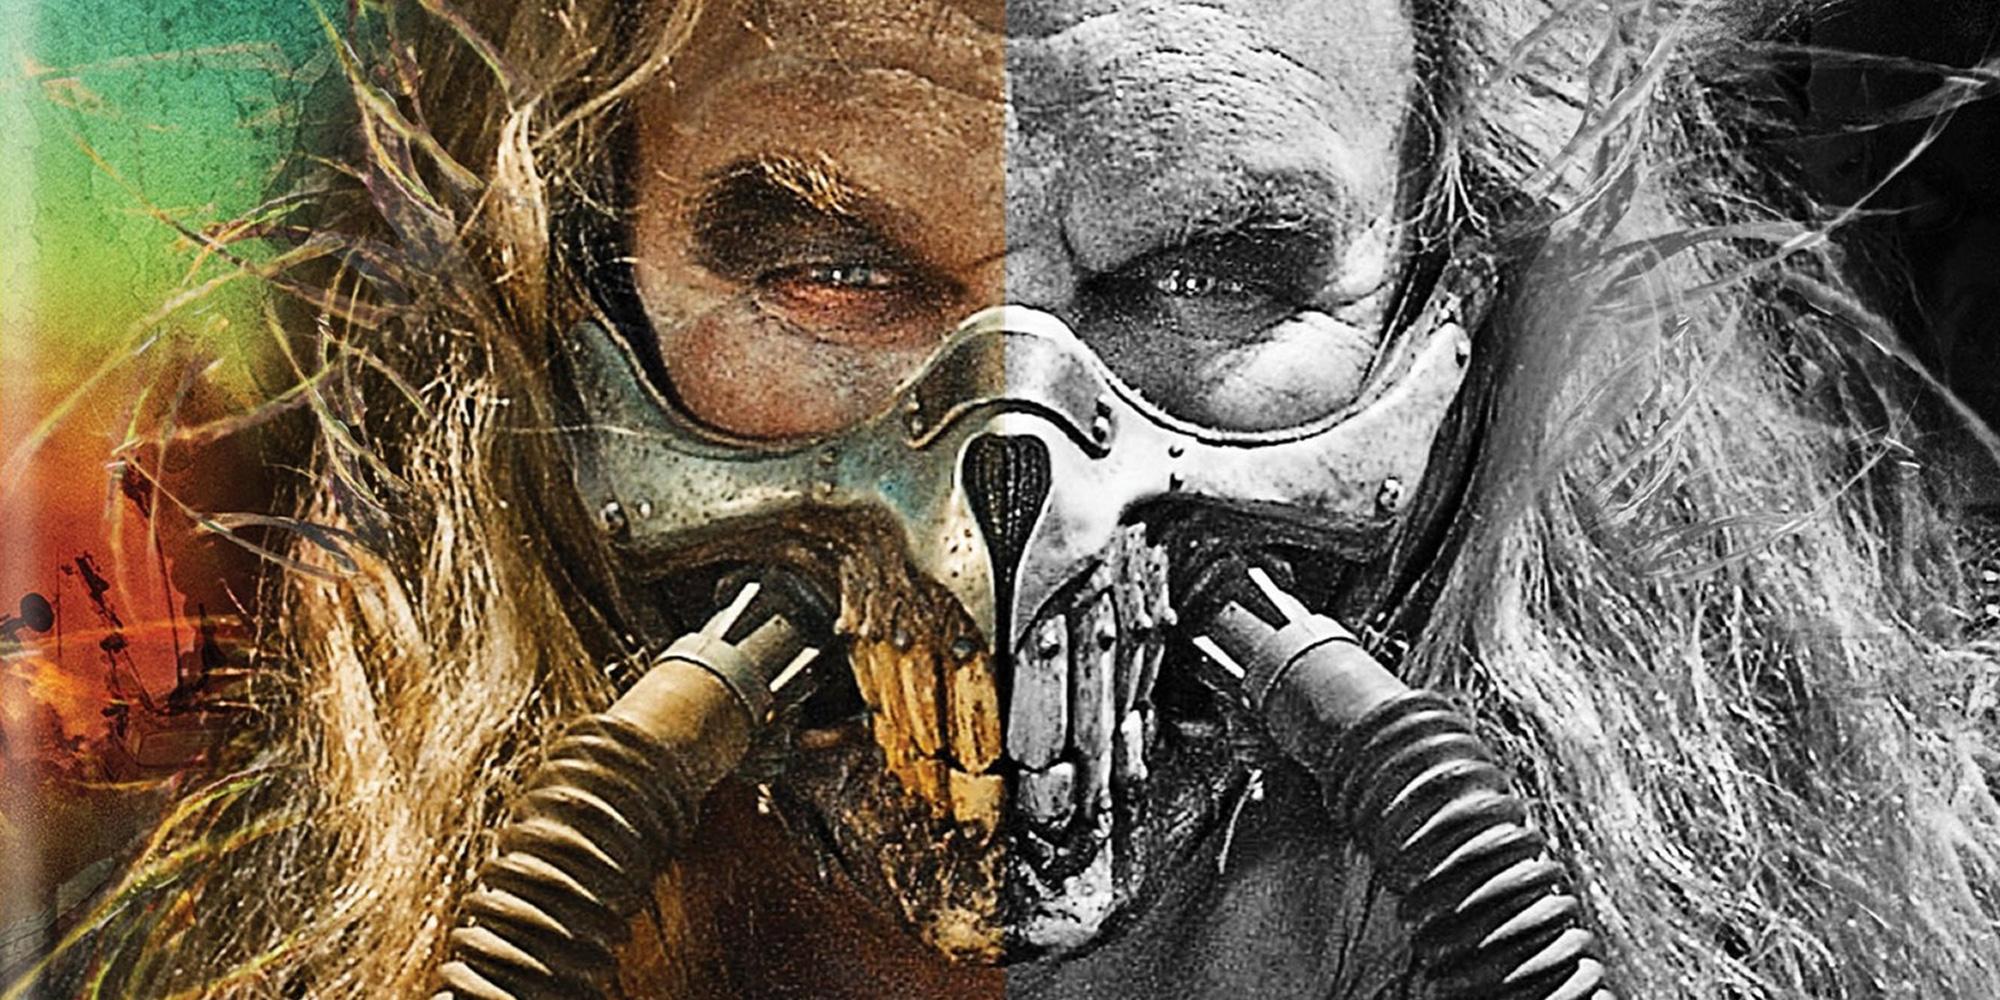 Redécouvrez Mad Max: Fury Road en Bluray avec la Black & Chrome Edition